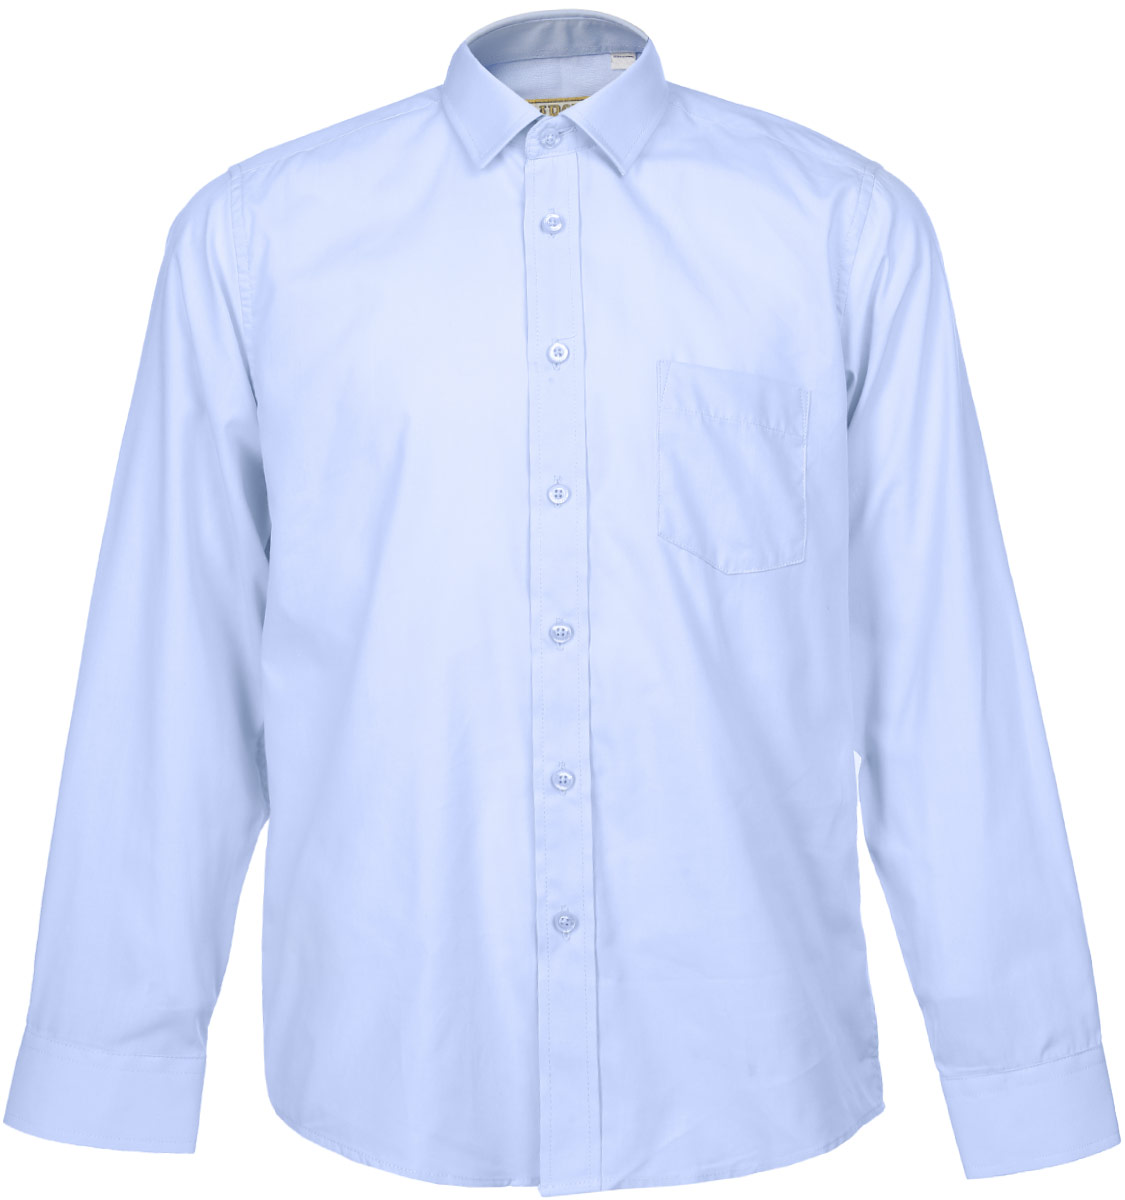 Рубашка для мальчика Tsarevich, цвет: голубой. Dream Blue. Размер 34/146-152, 12-13 летDream BlueСтильная рубашка для мальчика Tsarevich идеально подойдет для школы. Изготовленная из хлопка с добавлением полиэстера, она необычайно мягкая, легкая и приятная на ощупь, не сковывает движения и позволяет коже дышать, не раздражает даже самую нежную и чувствительную кожу ребенка, обеспечивая ему наибольший комфорт. Рубашка классического кроя с длинными рукавами и отложным воротничком застегивается на пуговицы, на груди она дополнена небольшим накладным кармашком. Рукава имеют широкие манжеты, также застегивающиеся на пуговицу.Такая рубашка - незаменимая вещь для школьной формы, отлично сочетается с брюками, жилетами и пиджаками.